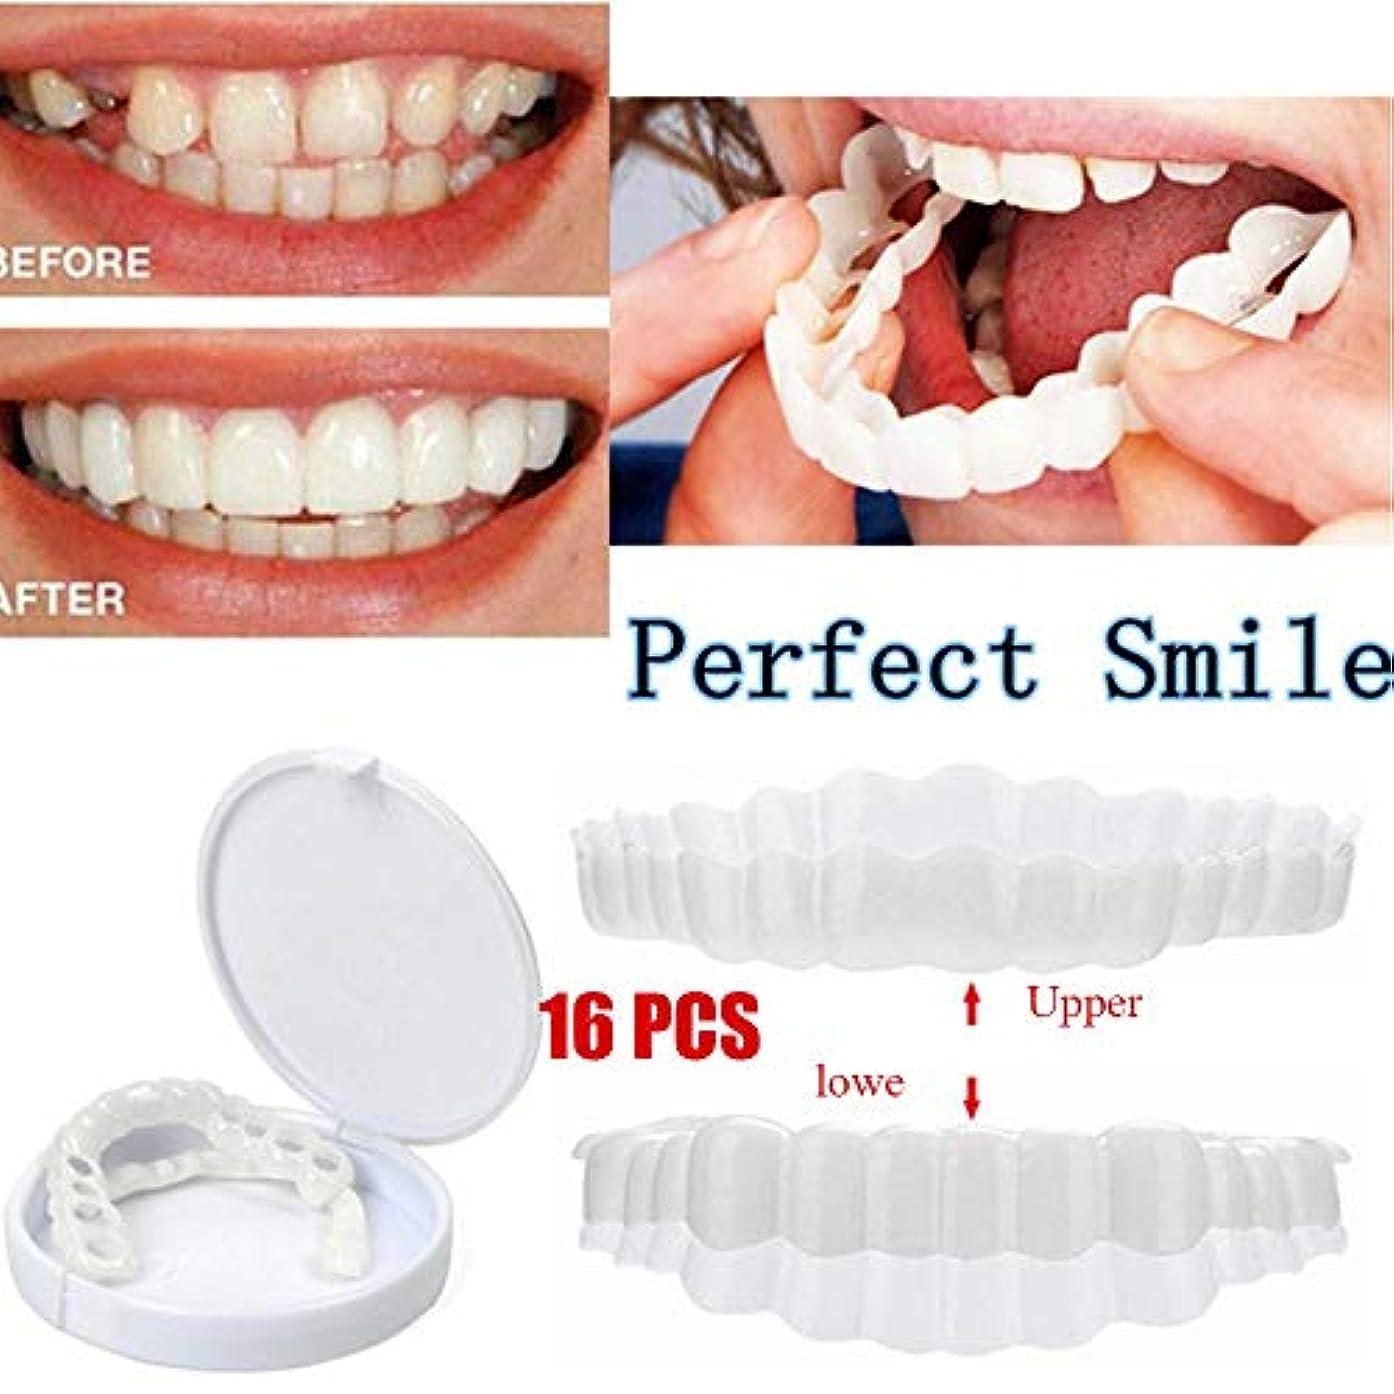 ルーチンフォーマルアルファベット順義歯のスマイルホワイトニングと弾性ケアに最適な、大人用の新しい上下の義歯16個の再使用可能なPCS(上部+下部)